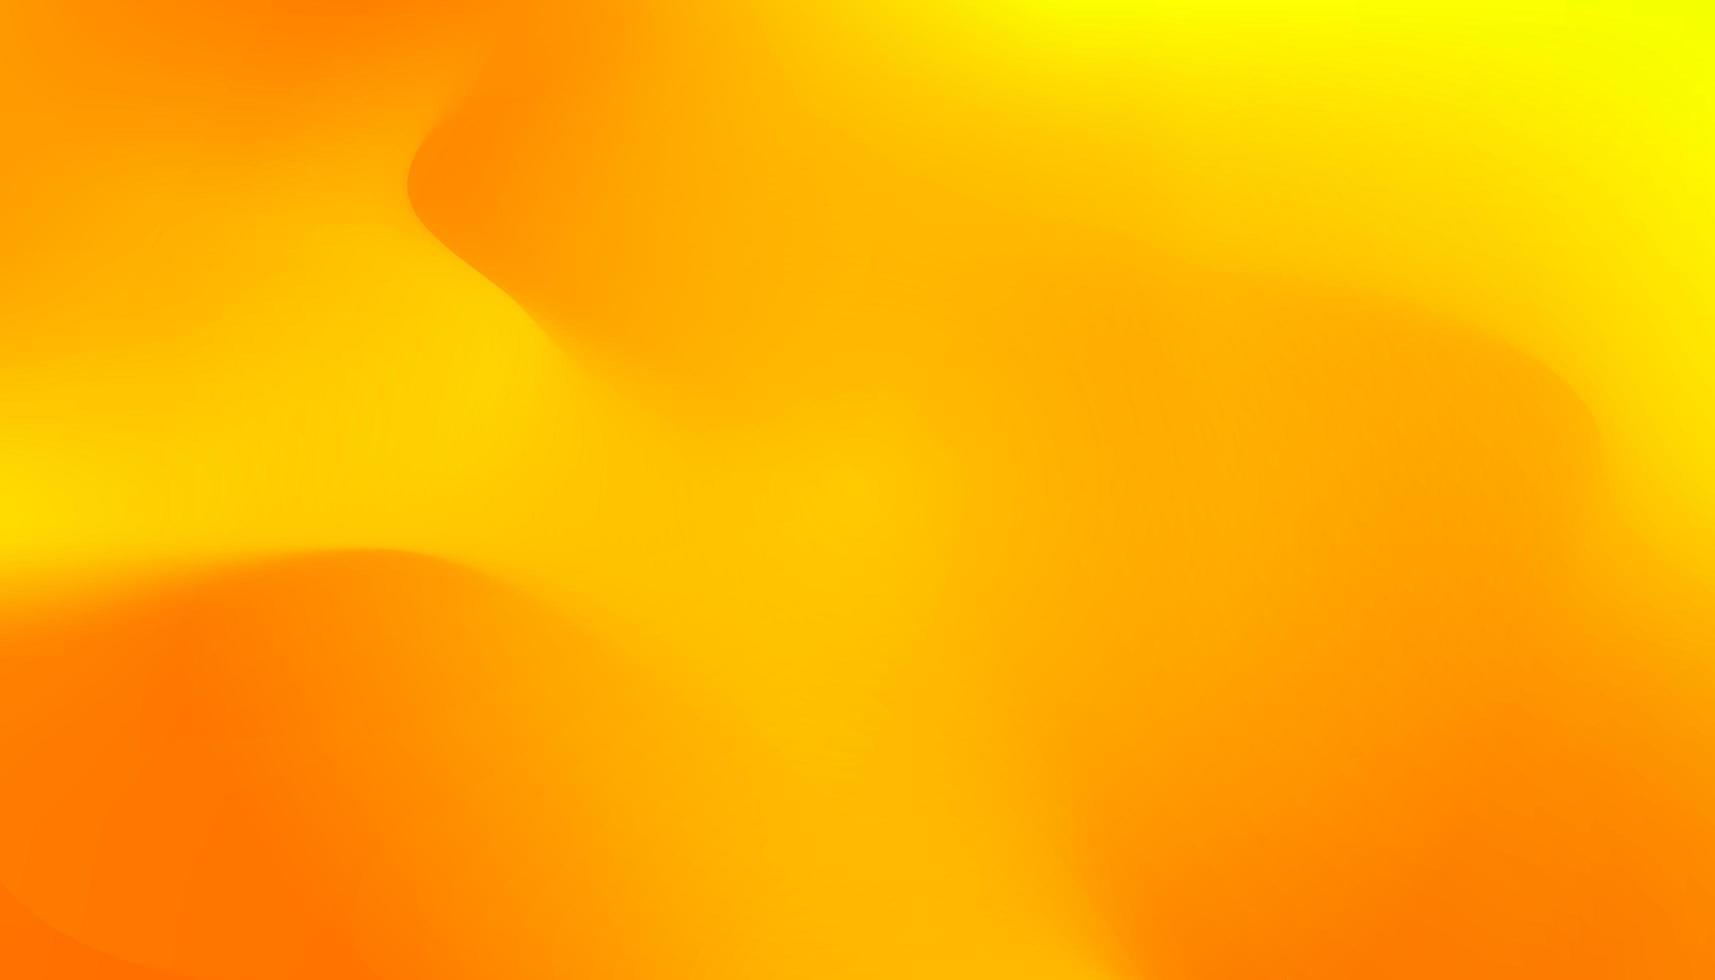 saftige Orange winkte Farbverlauf Banner. frische warme sonnige Farben dynamischer flüssiger abstrakter Hintergrund. Gold Mesh Tapete vektor